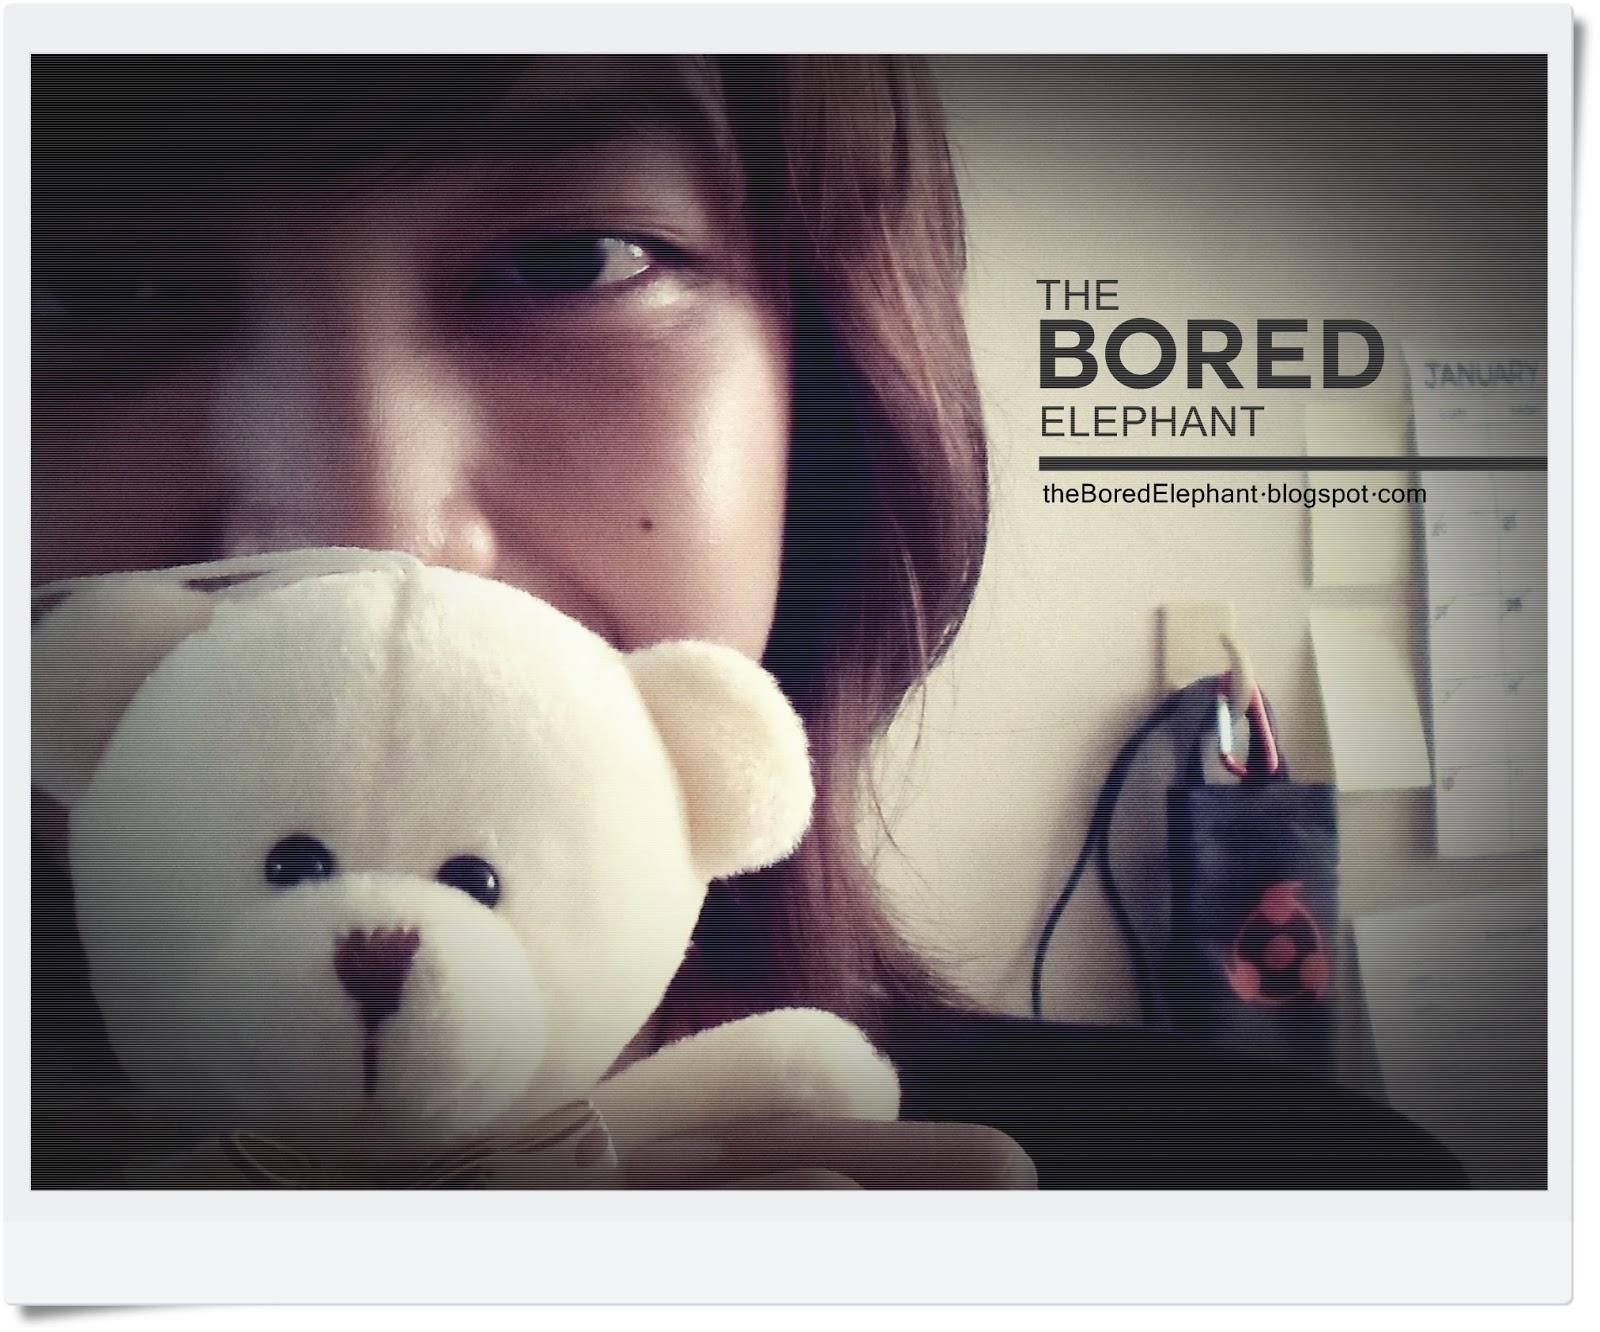 bored elephant